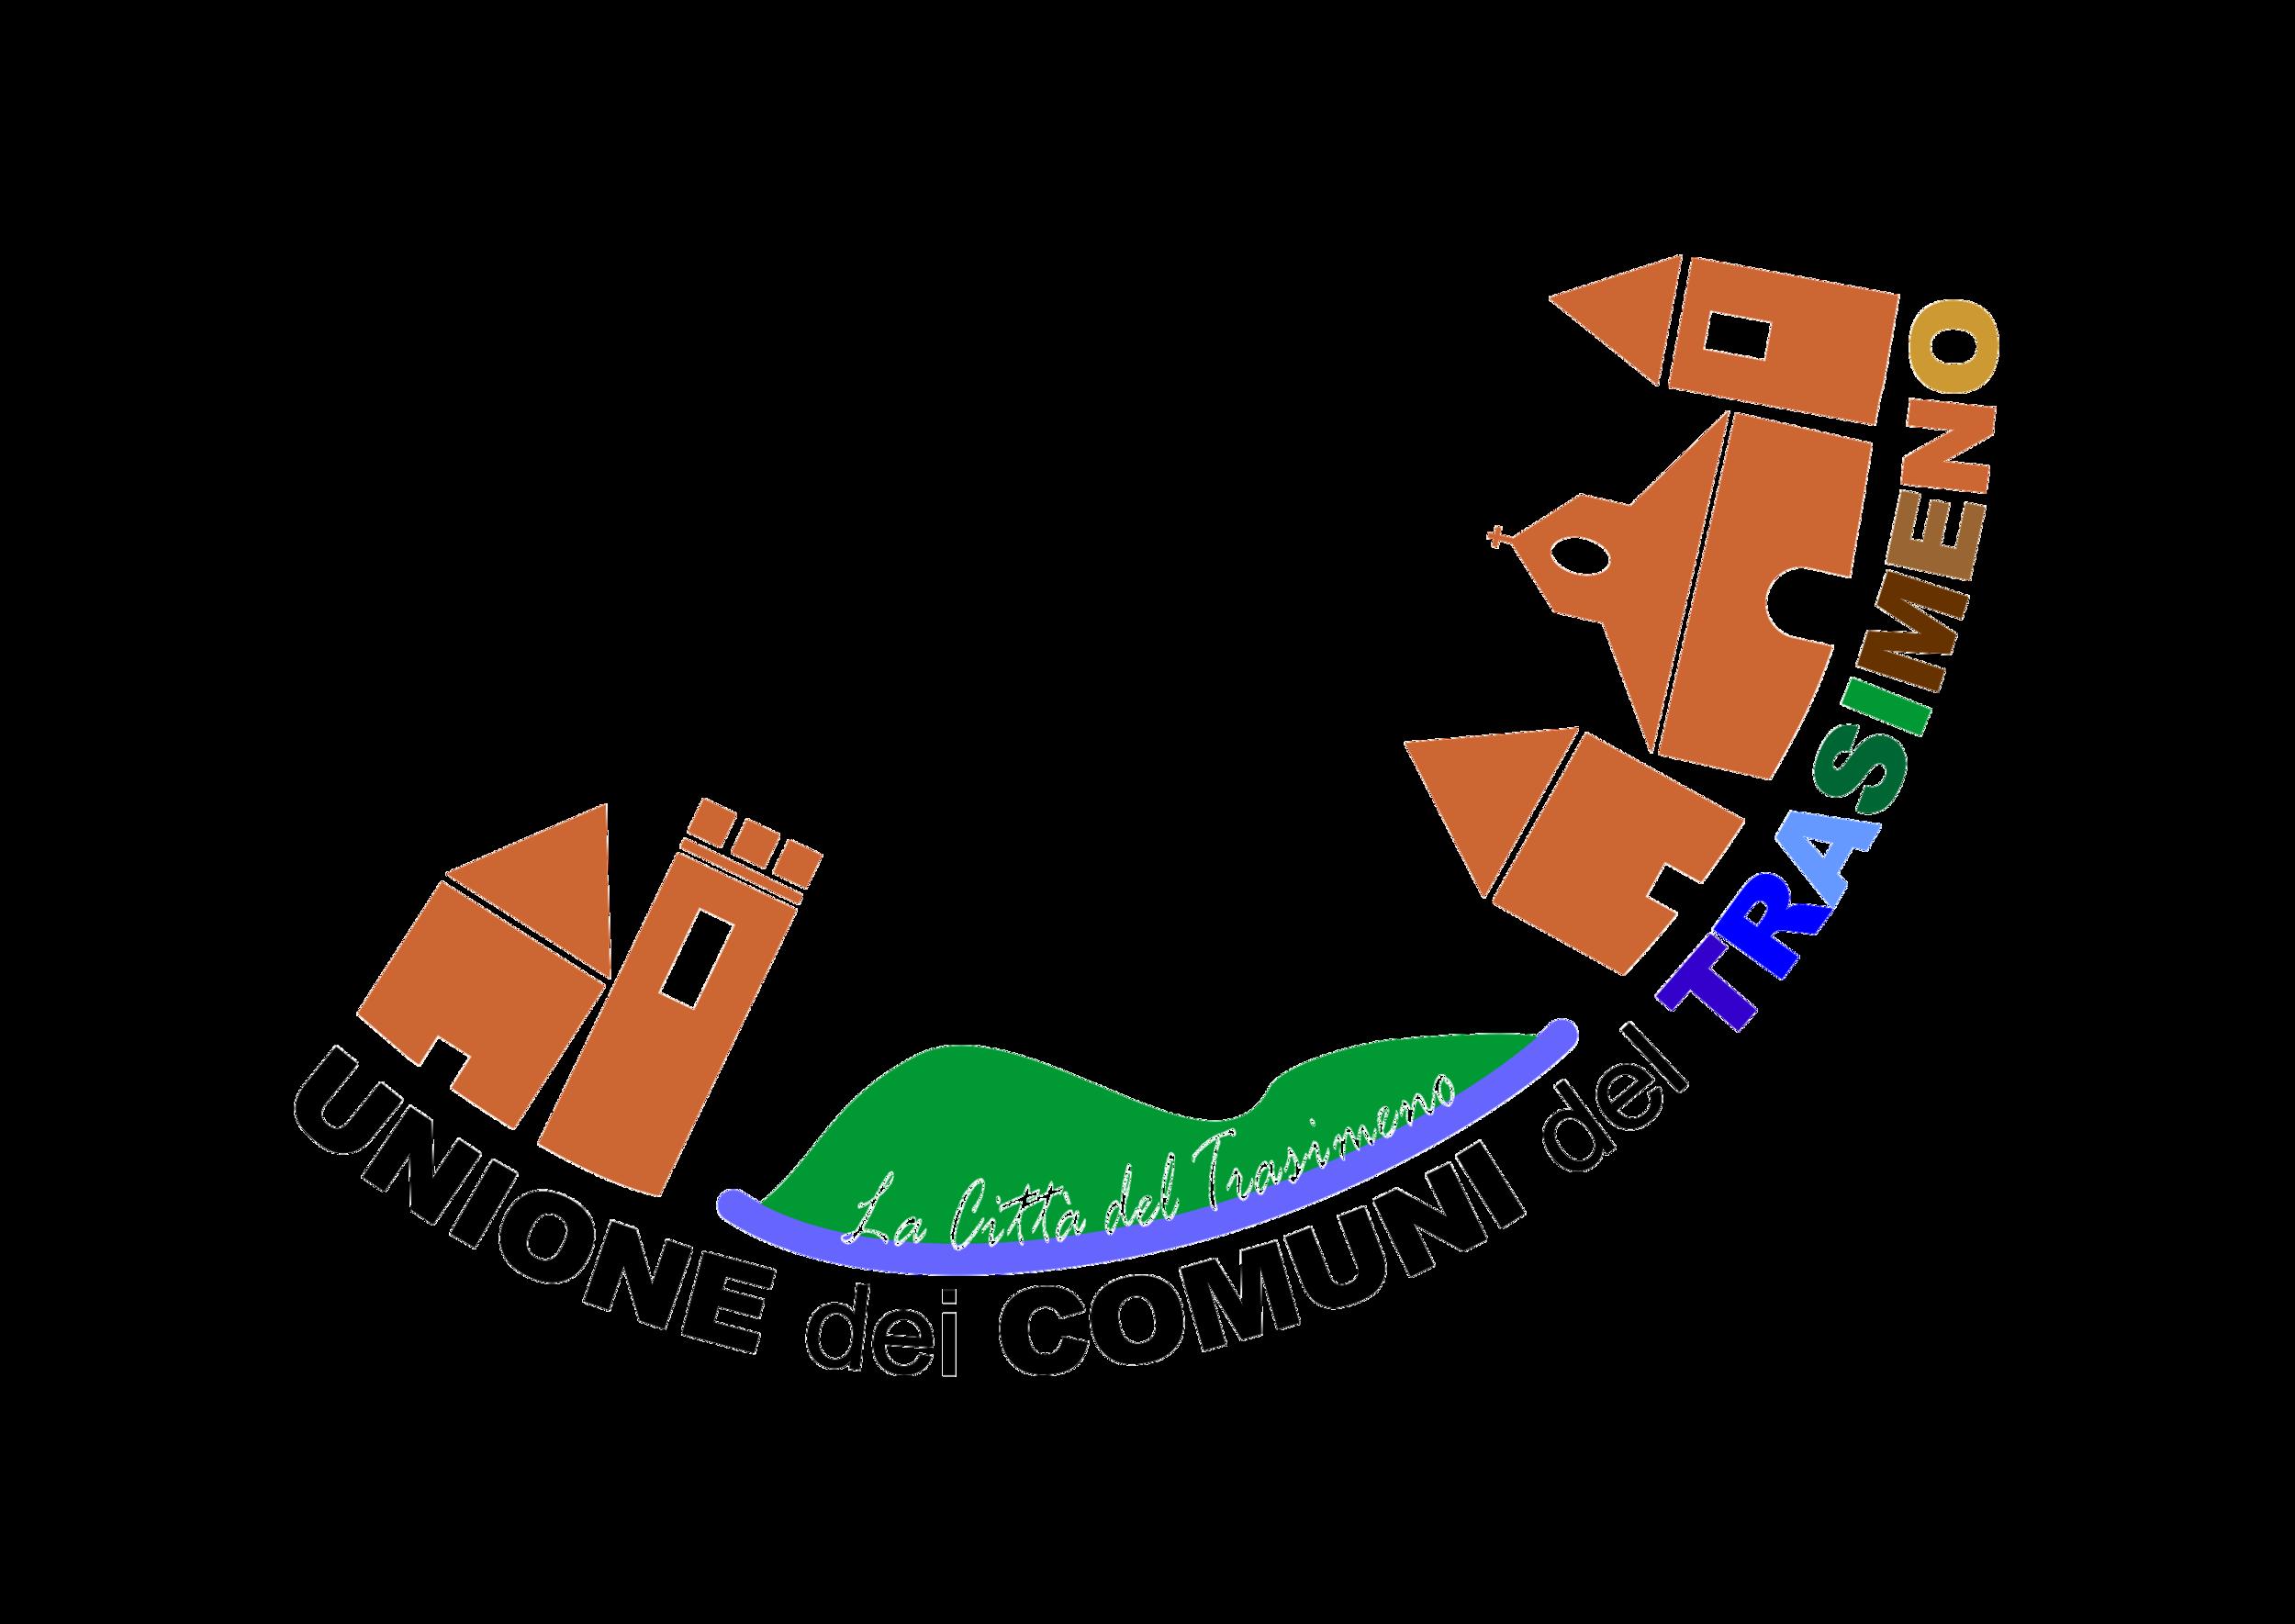 logo_SCELTO_UNIONE dei COMUNI del TRASIMENO.png